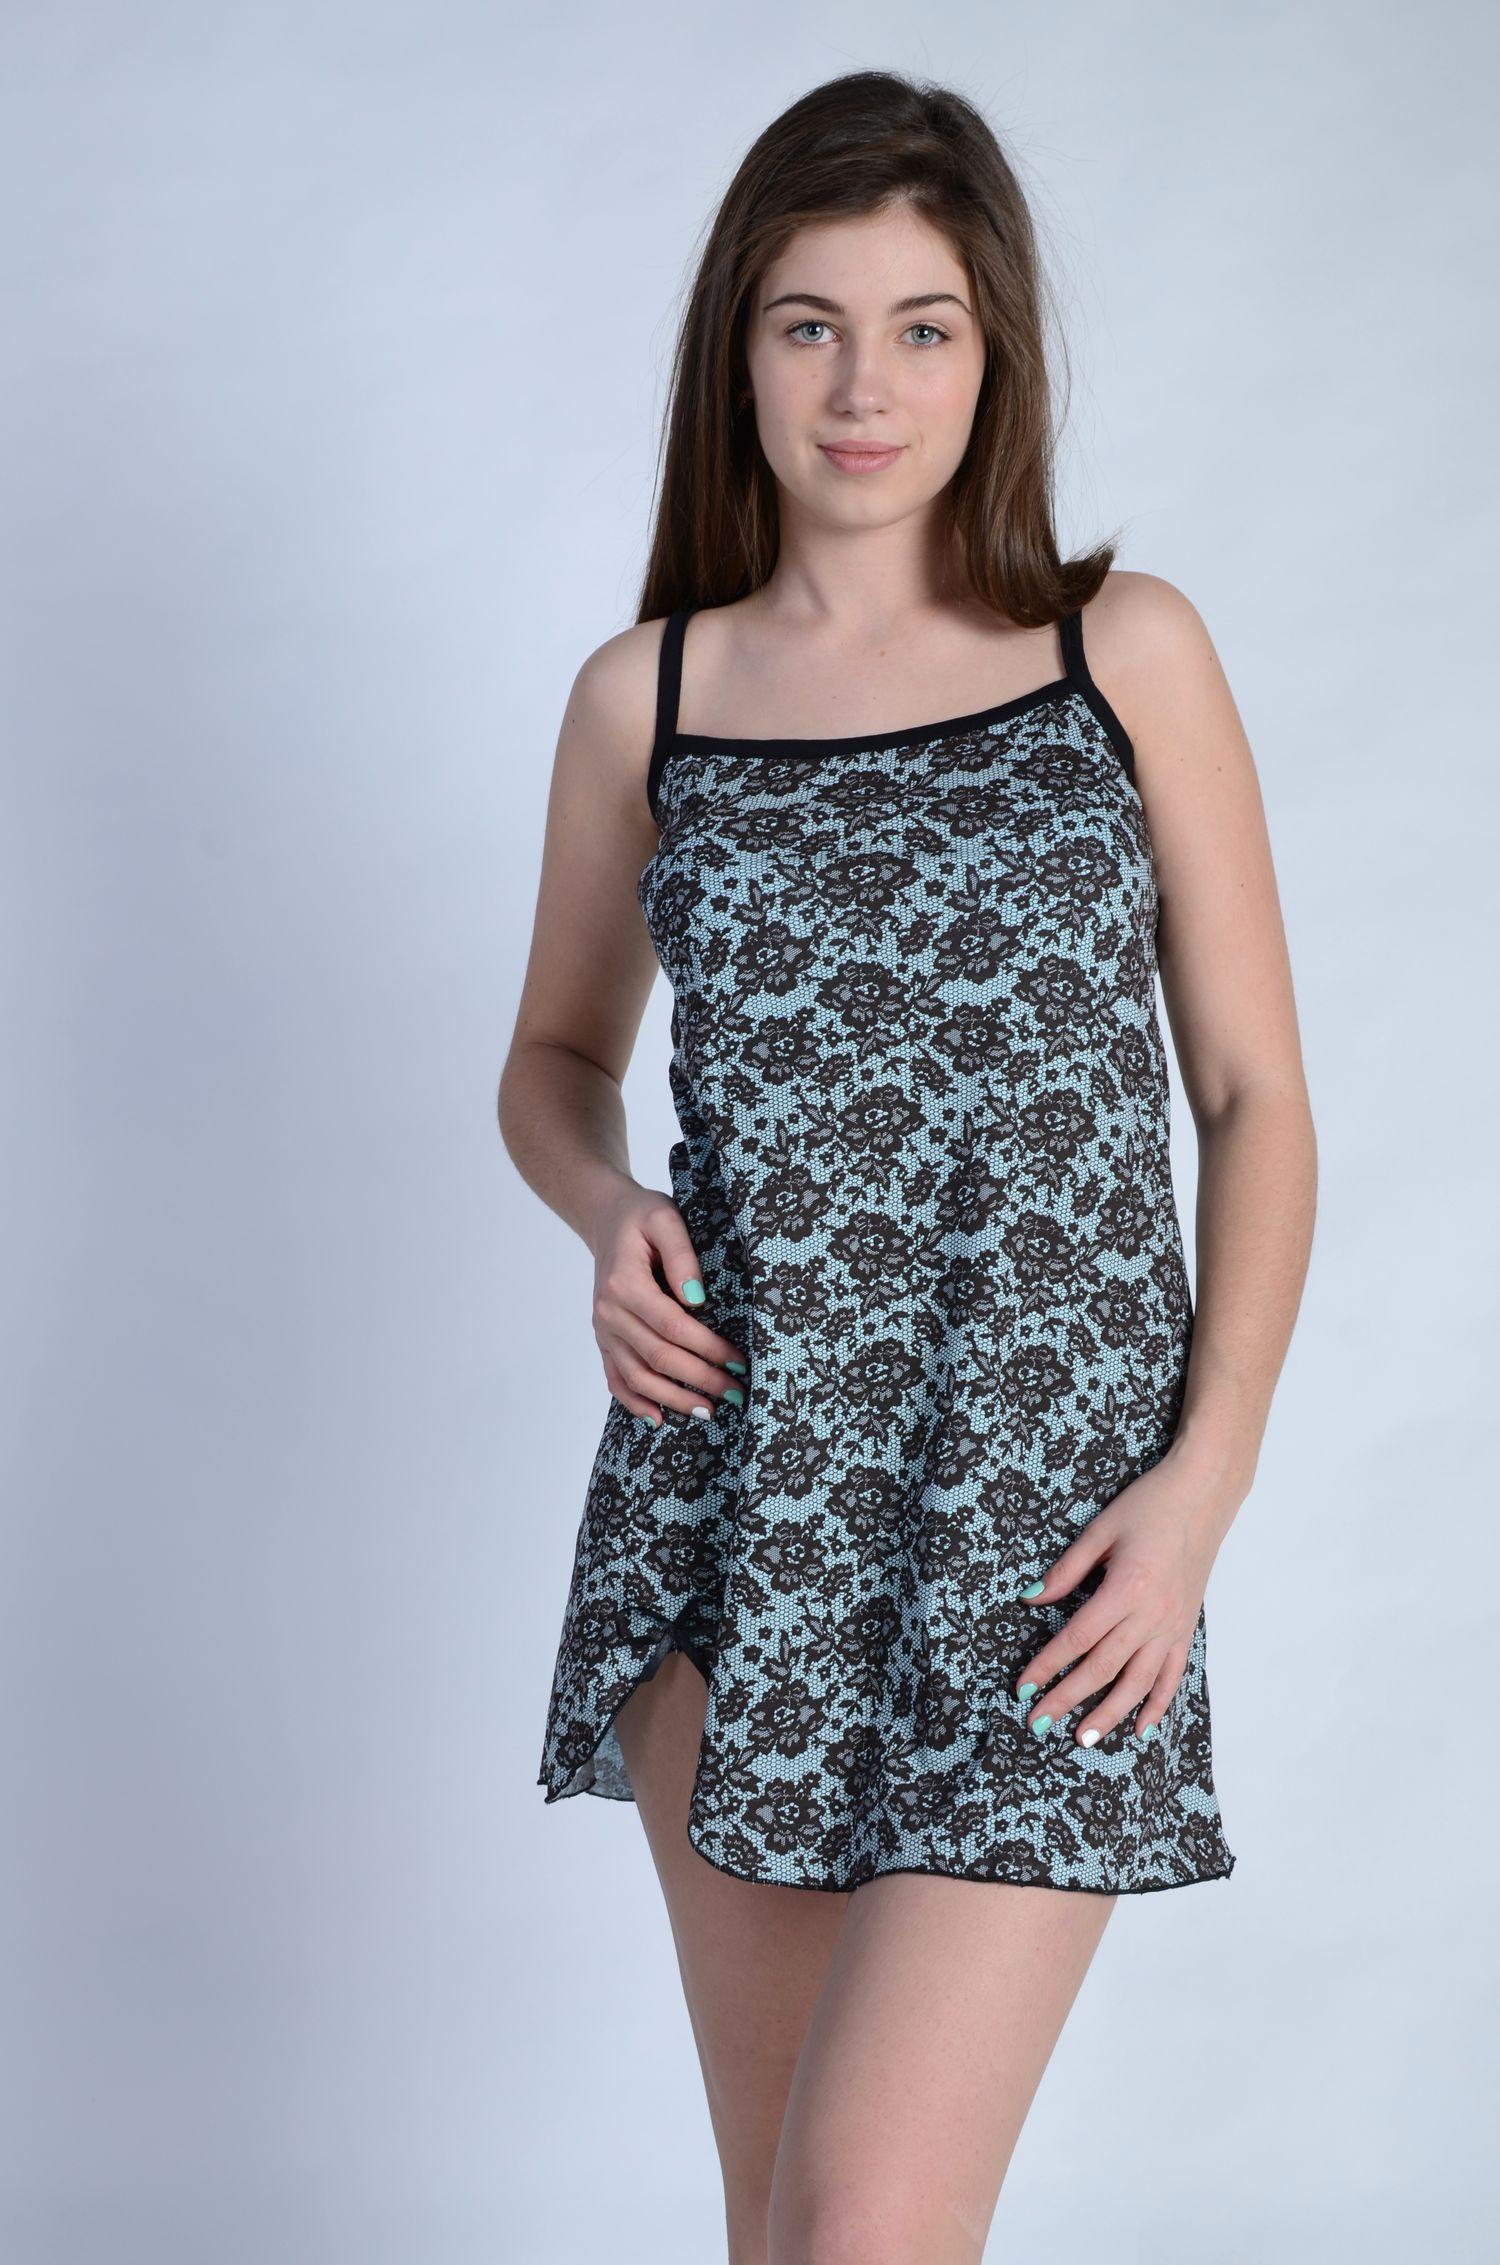 Сорочка женская КатюшаСорочки<br><br><br>Размер: 46